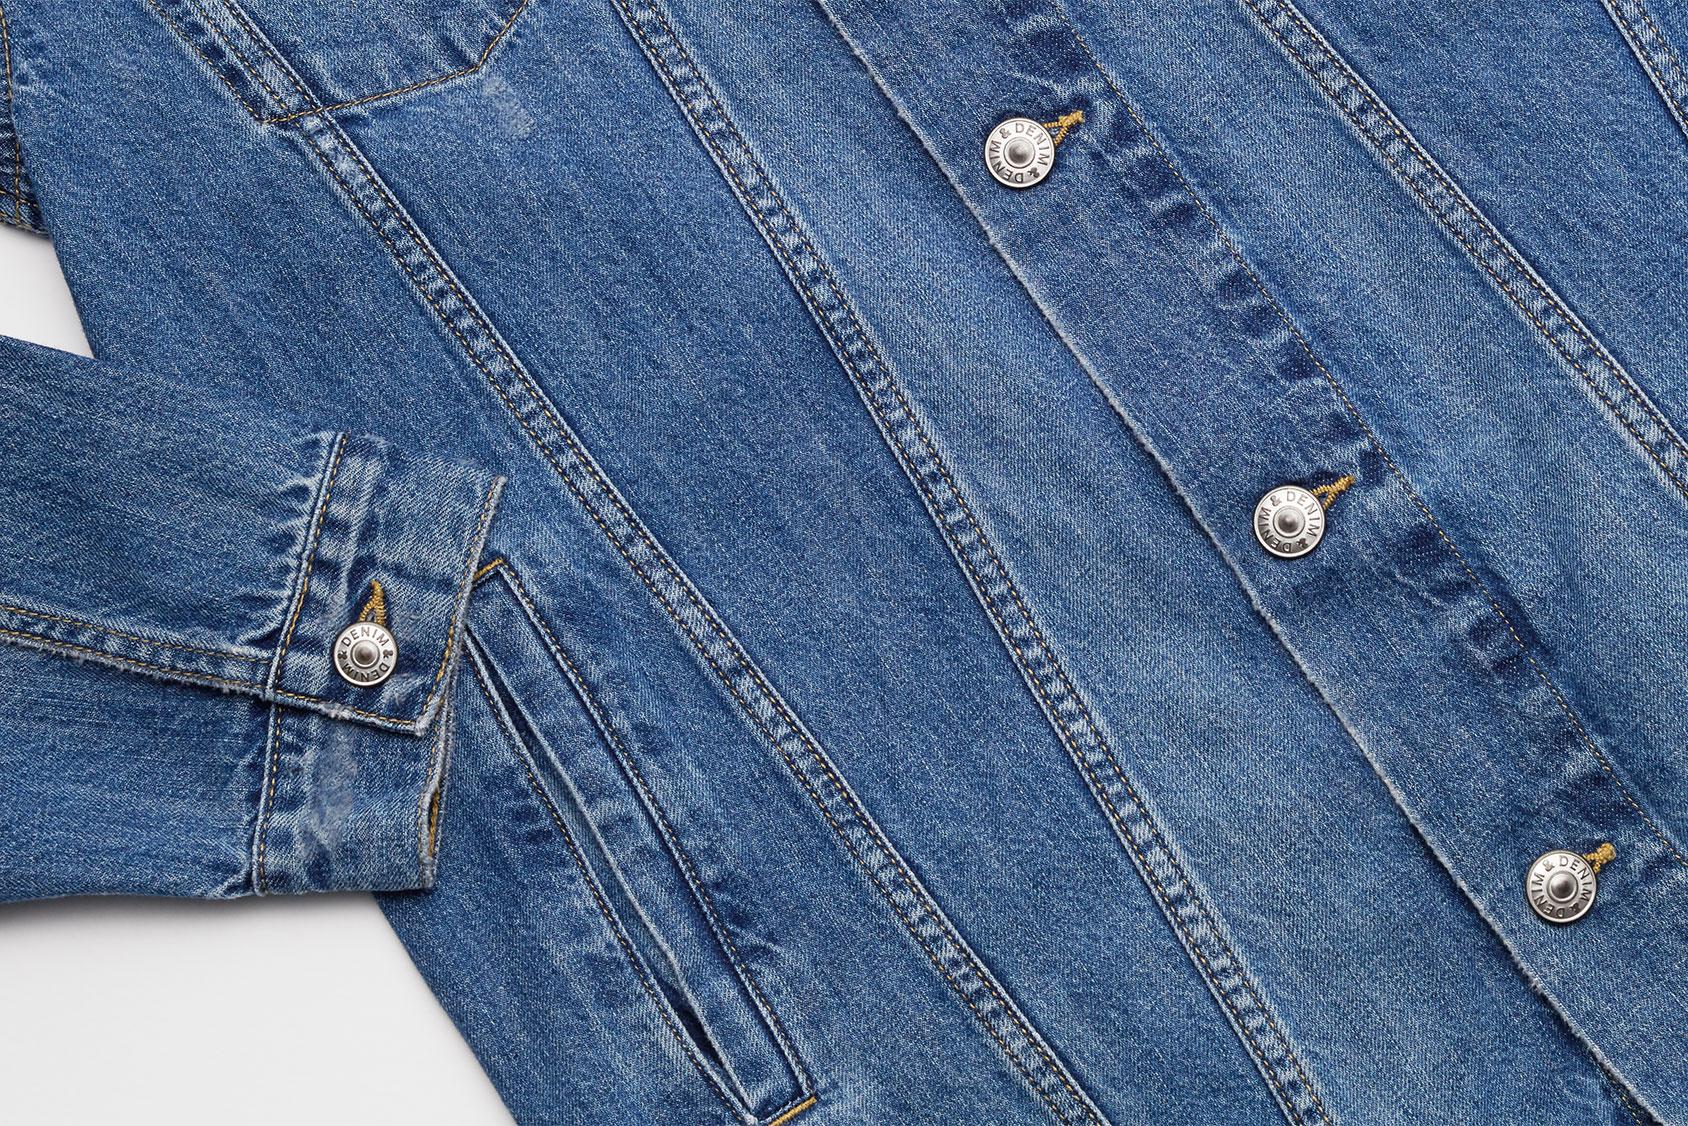 Jeans jacket H&M